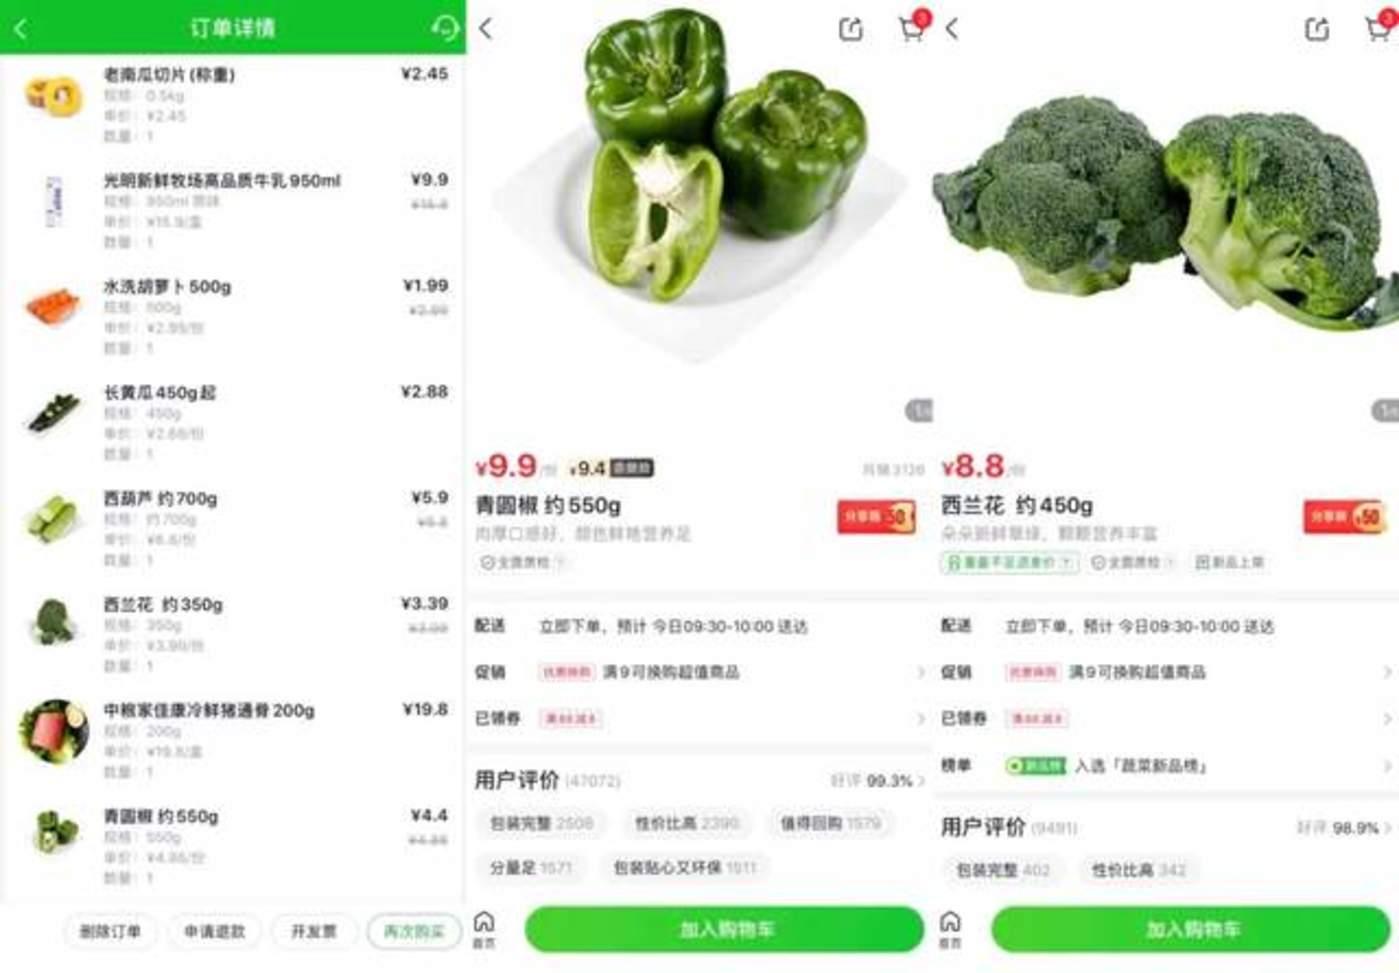 小红去年12月17日在美团买菜上的购物截图(左)1月26日圆青椒涨到9.9元550g(中)西兰花涨到8.8元450g(右)